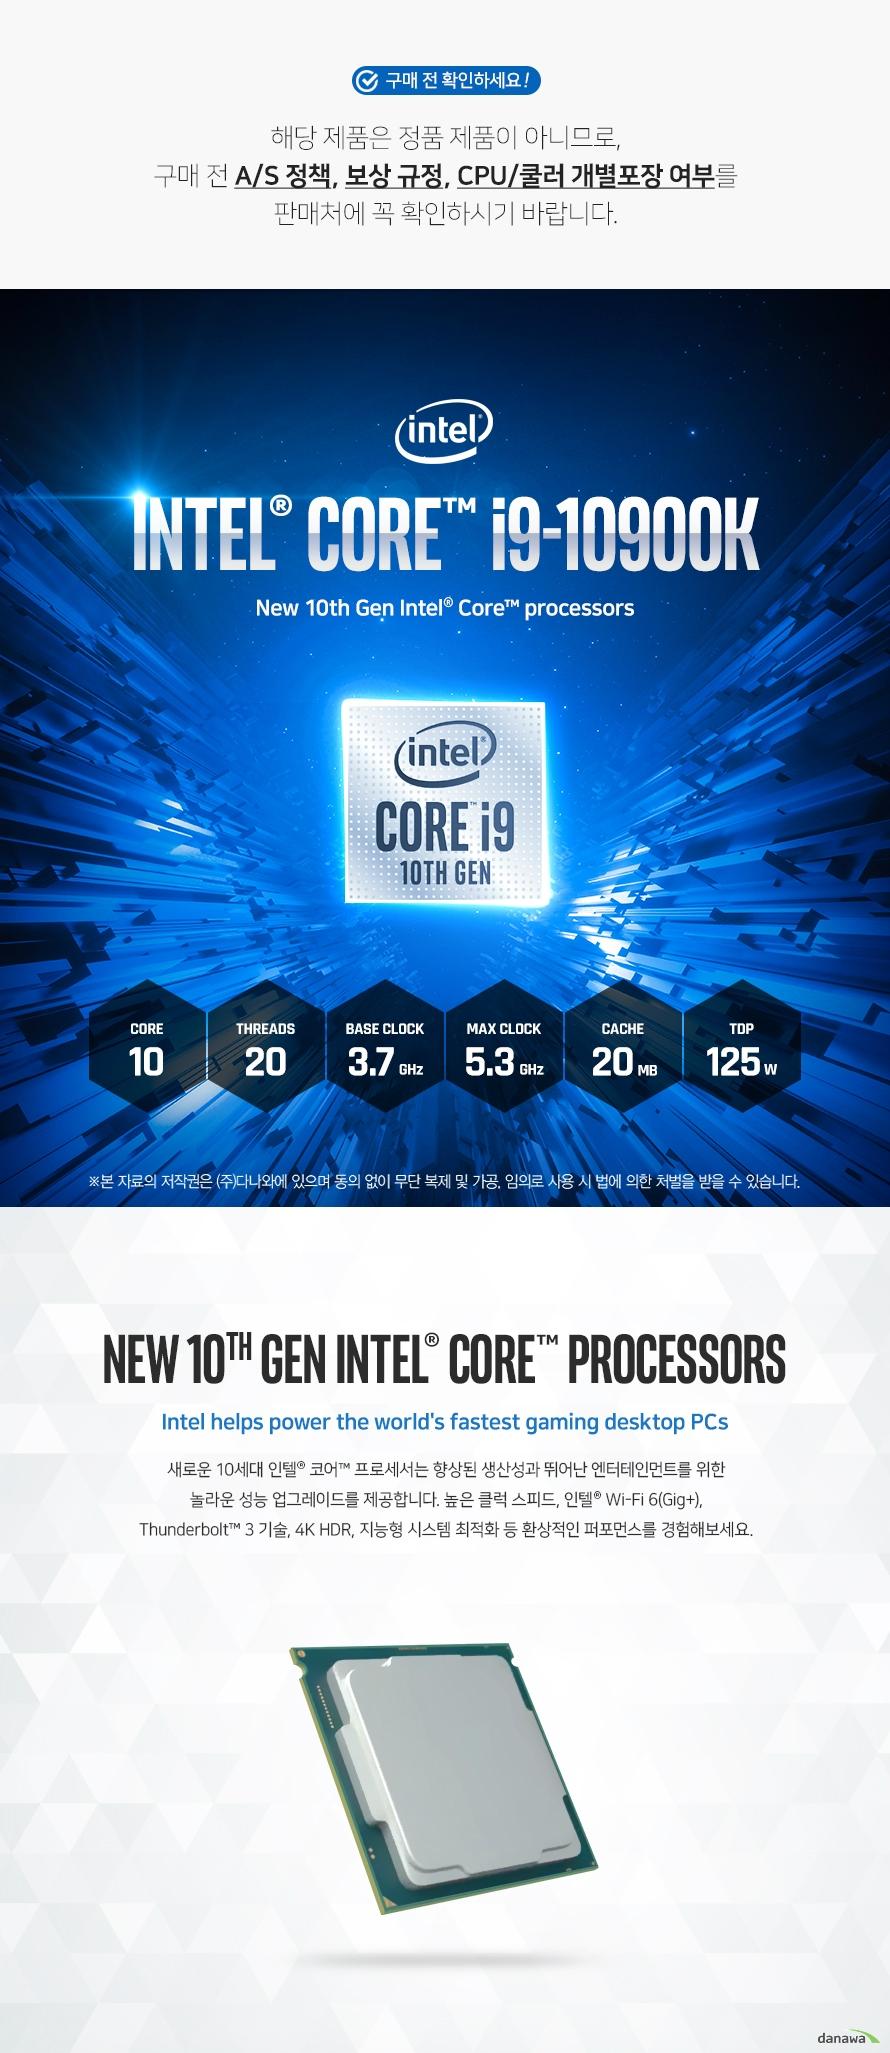 새로운 10세대 인텔 코어 프로세서는 향상된 생산성과 뛰어난 엔터테인먼트를 위한  놀라운 성능 업그레이드를 제공합니다. 높은 클럭 스피드, 인텔 Wi-Fi 6(Gig+),  Thunderbolt3 기술, 4K HDR, 지능형 시스템 최적화 등 환상적인 퍼포먼스를 경험해보세요.  환상적인 게임 내 경험을 원하는 게이머, 제작과 공유는 더 많이 하려는 제작자  모두에게 이 새로운 세대의 프로세서는 새로운 차원의 성능을 선사합니다.  듀얼 채널 DDR4 메모리를 지원하여 기존 DDR3 메모리에 비해 향상된 빨라진 성능과 전력 효율 상승 효과로 최상의 성능 및 환경을 제공합니다.  내장 그래픽 성능을 대폭 늘려 4K 초고해상도 영상을 60프레임으로 감상하실 수 있습니다.  선명한 화질과 화사한 색감으로 퀄리티 있는 디스플레이 환경을 제공합니다.  낮은 부하의 작업 시 자동으로 하나의 코어 속도를 높여 동작 속도를 빠르게 합니다. 고성능을 요구하는 작업에서 더욱 강력한 연산 능력을 제공합니다.  물리적 코어당 2개의 처리 스레드를 제공합니다. 스레드를 많이 활용하는 응용 프로그램 일수록 동시에 작업을 수행할 수 있기 때문에 작업 효율이 증가합니다.